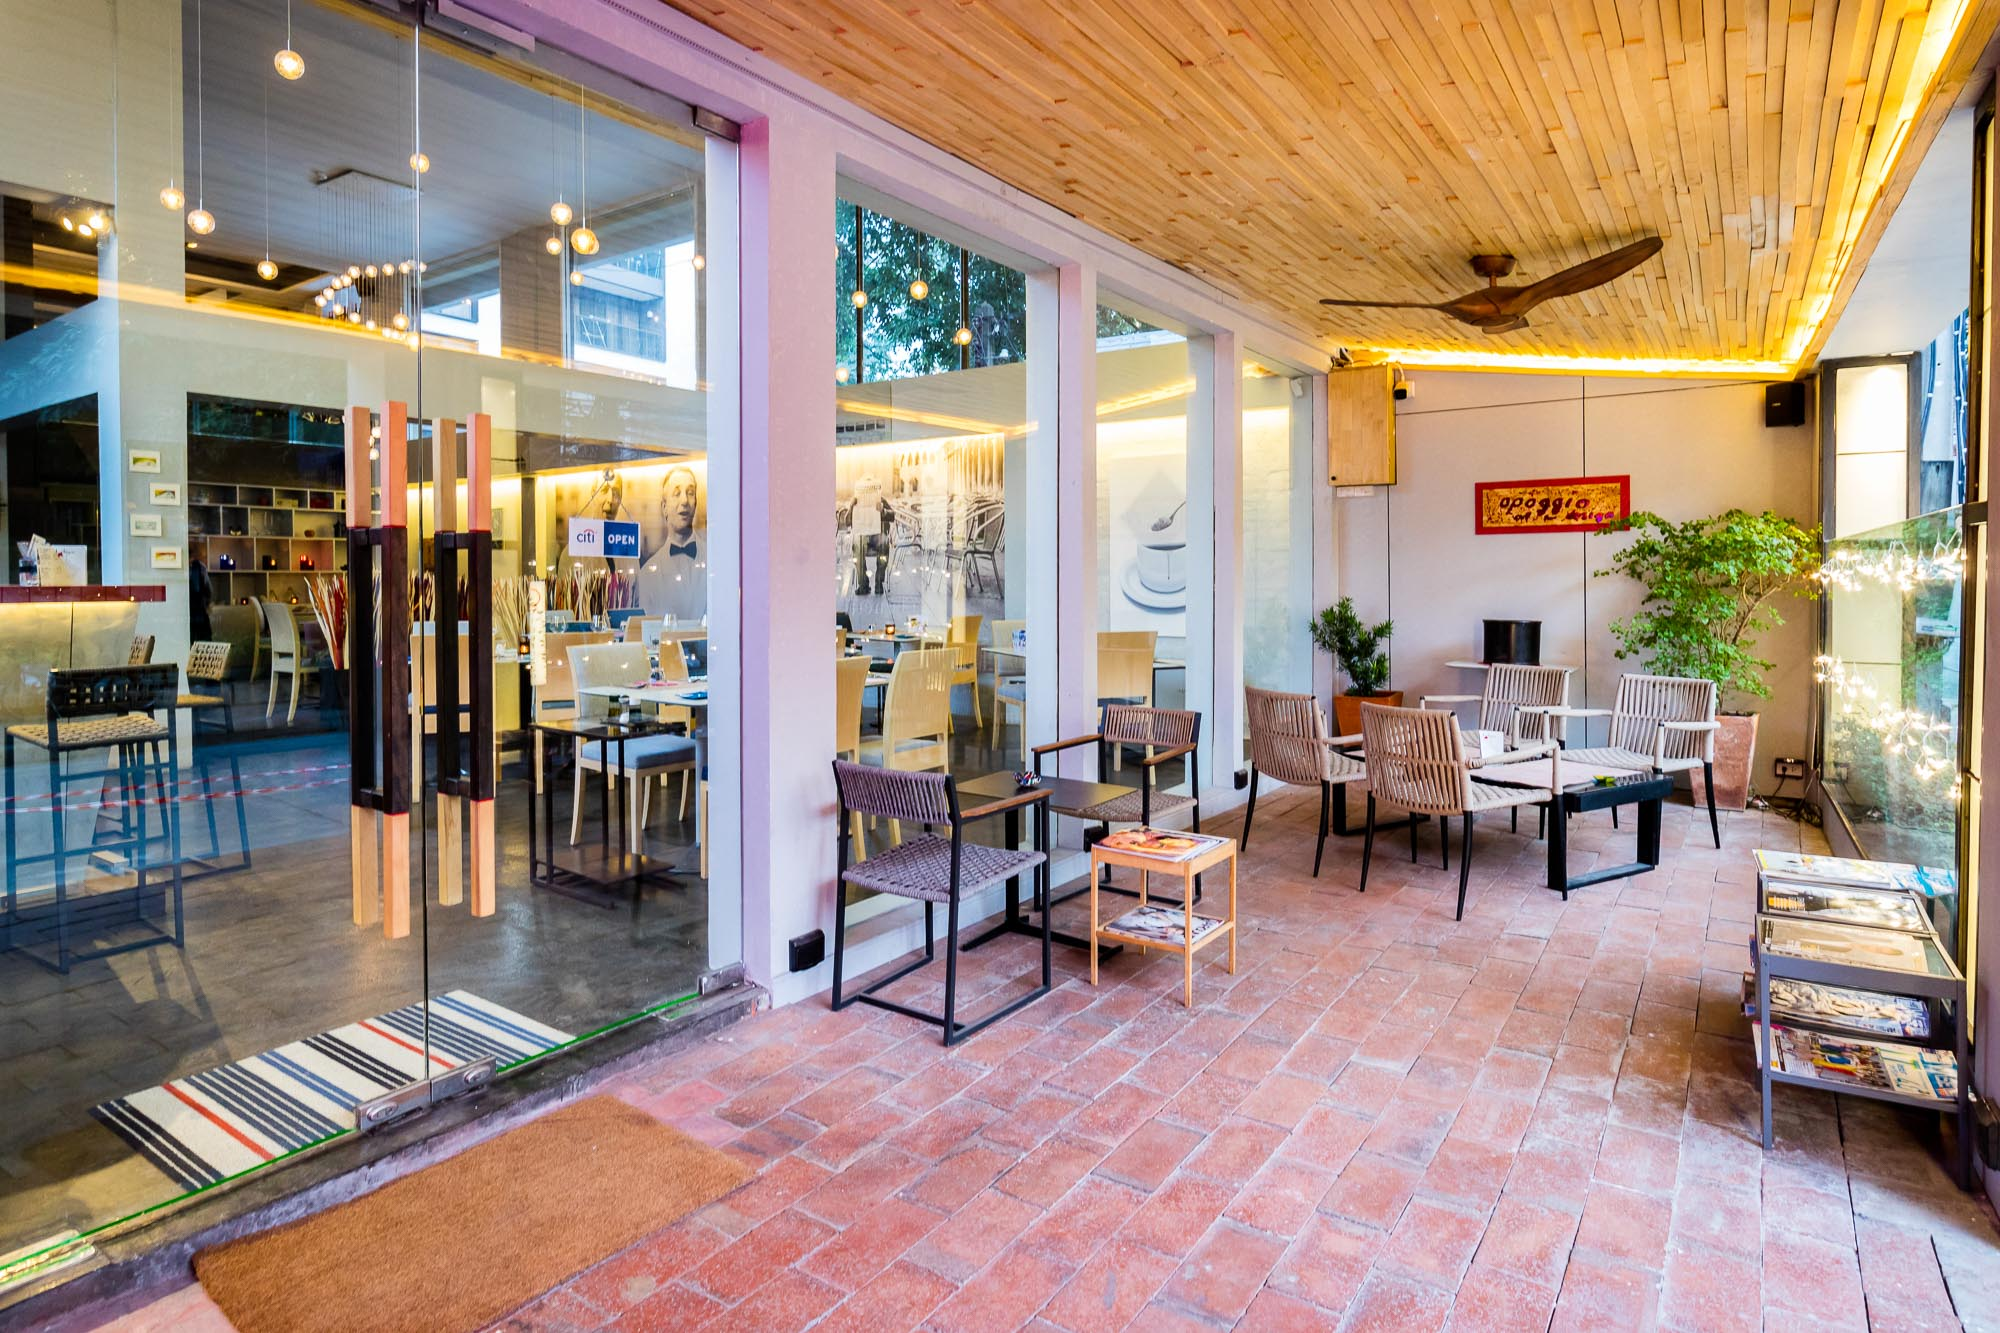 Calderazzo on 31  Calderazzo on 31 ร้านอาหารอิตาเลี่ยนแท้ ย่านสุขุมวิท ที่แนะนำให้มาลอง p79aqaxpmOUn2y2IFbU o